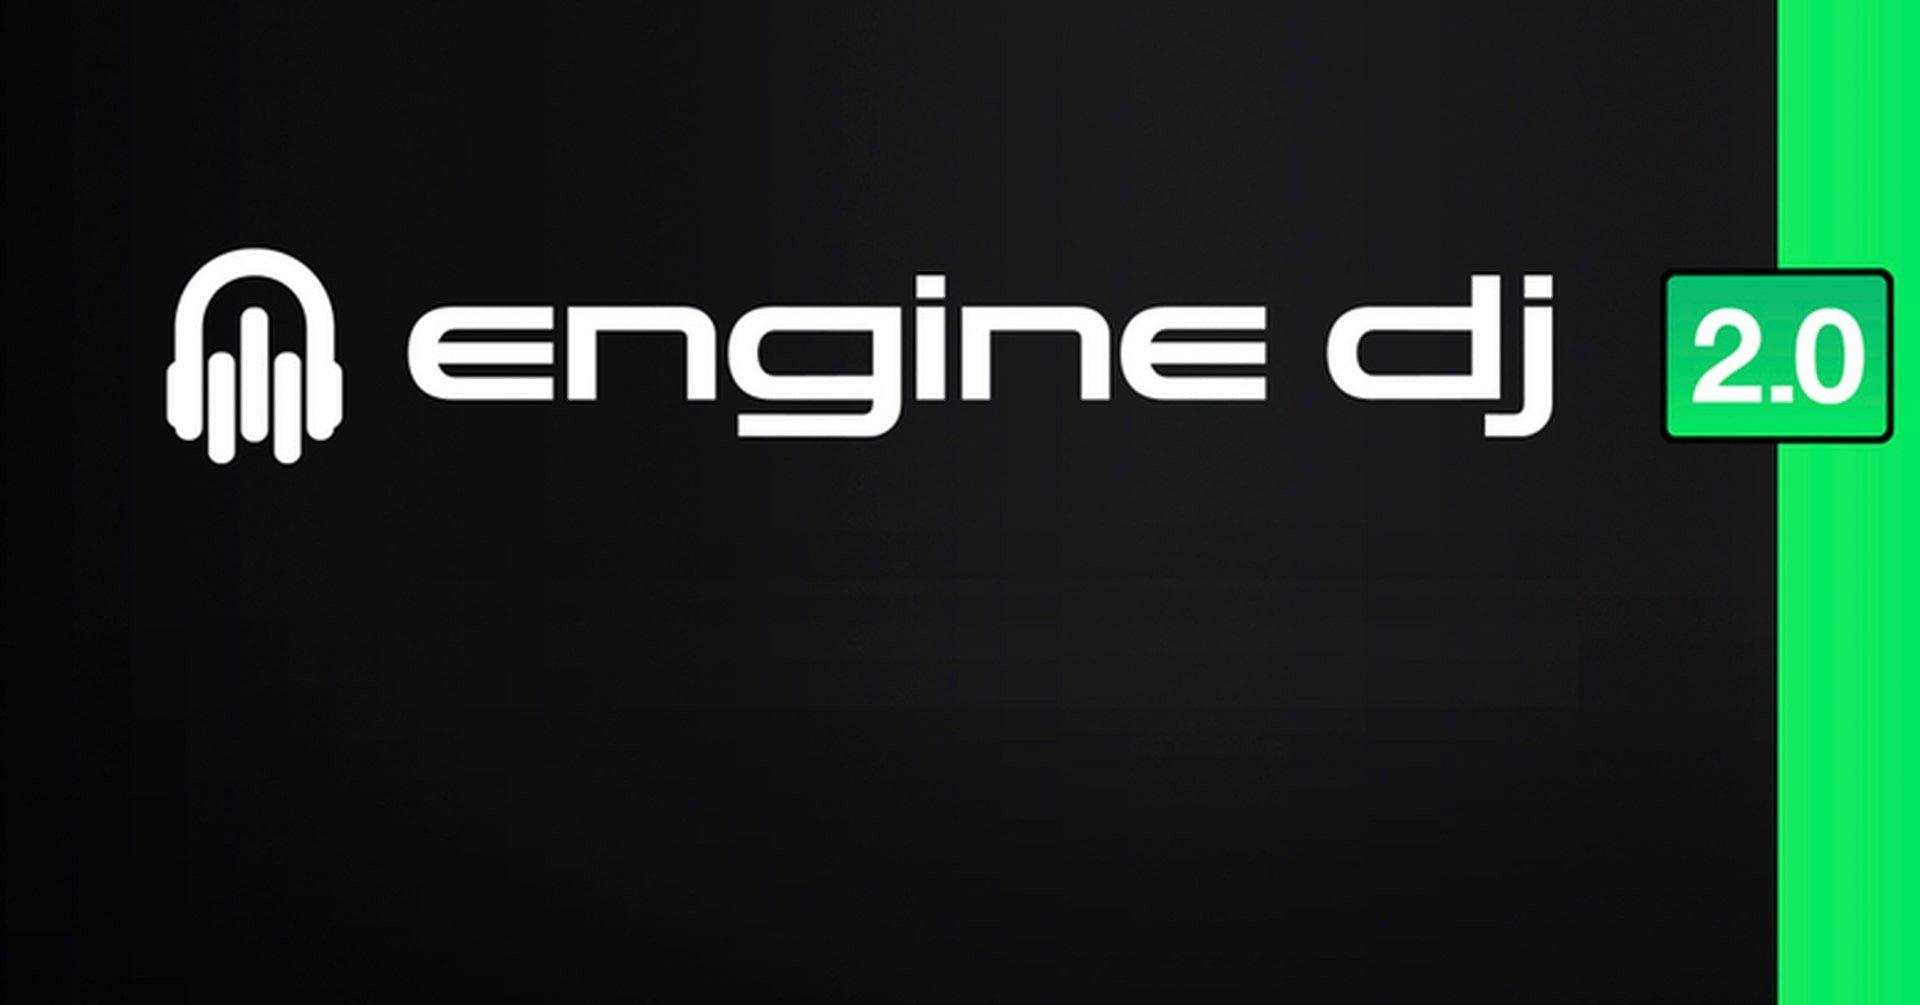 AKTUALIZACJA ENGINE DJ - WERSJA 2.0 JUŻ DOSTĘPNA